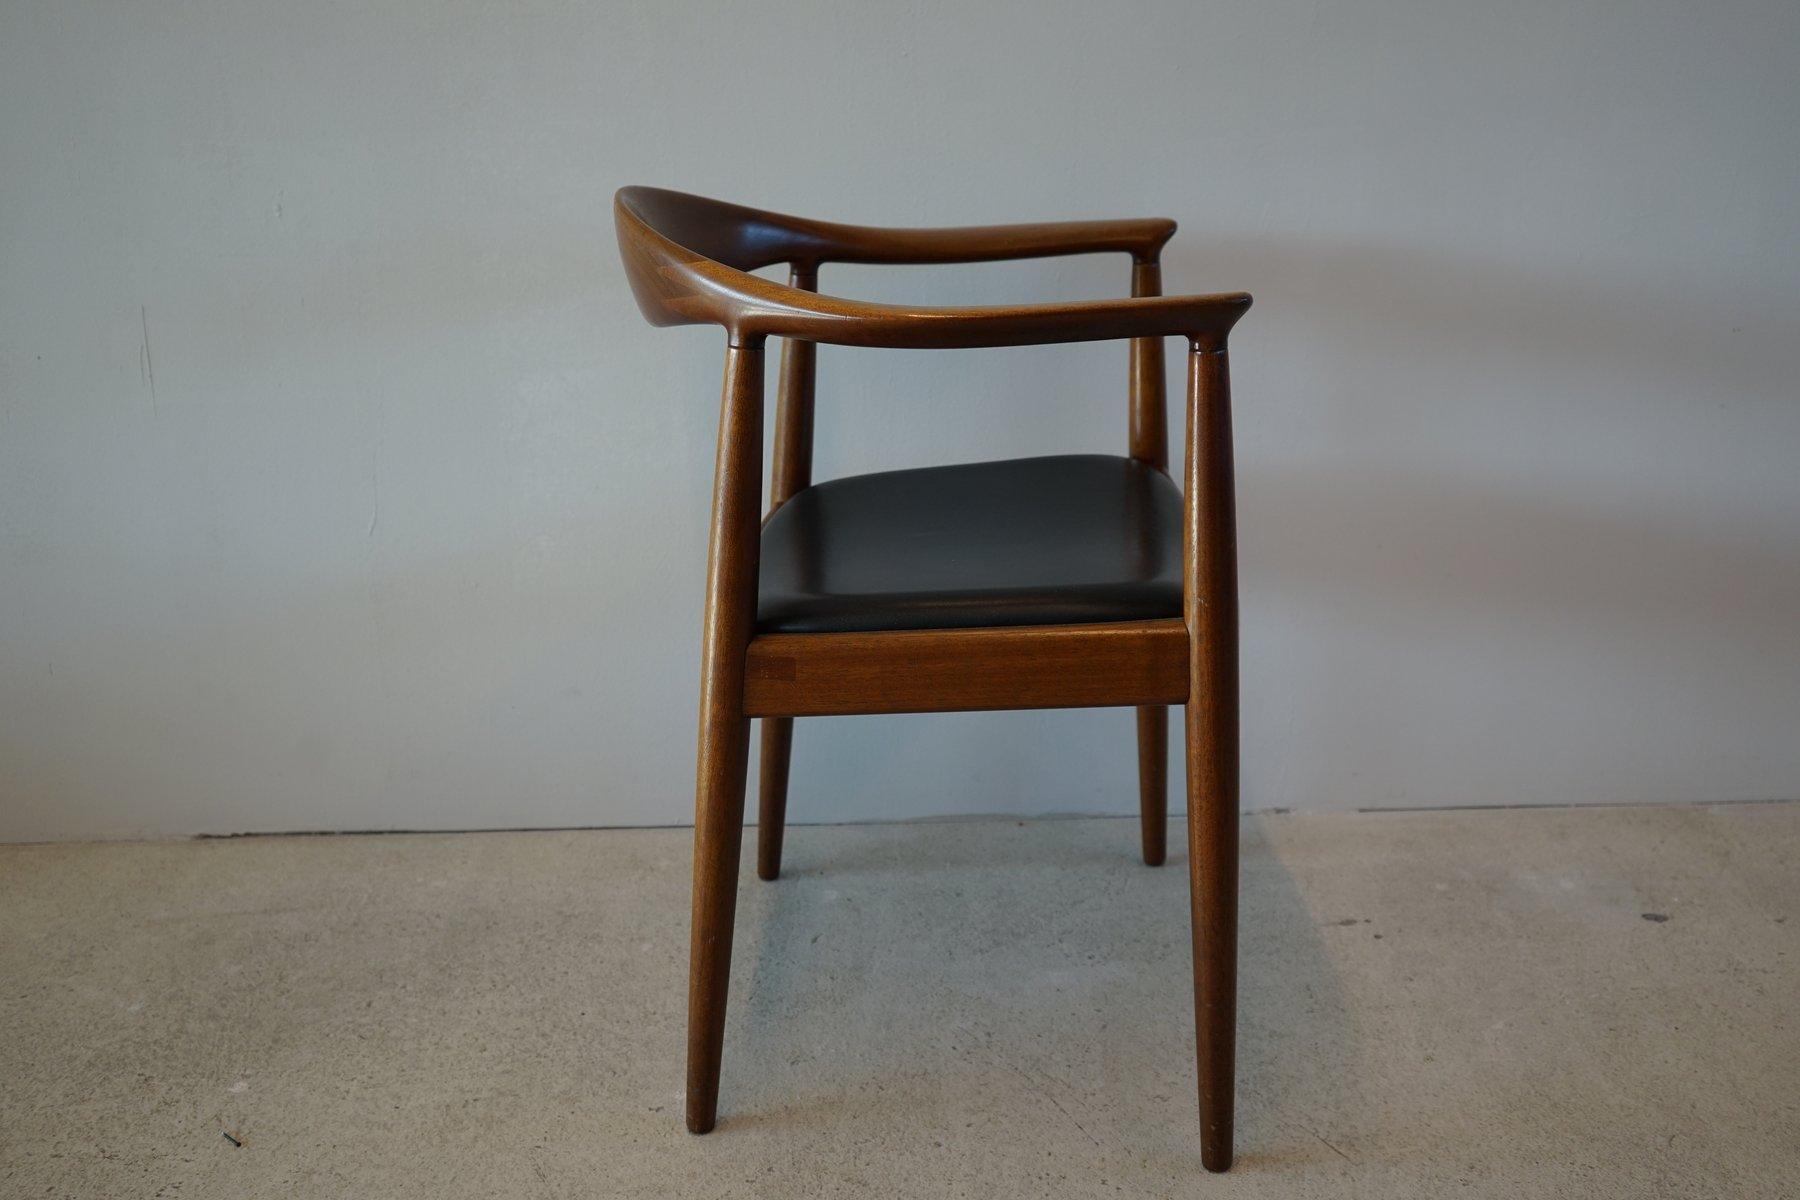 hans j wegner furniture. The Chair 503 By Hans J. Wegner For Johannes Hansen J Furniture